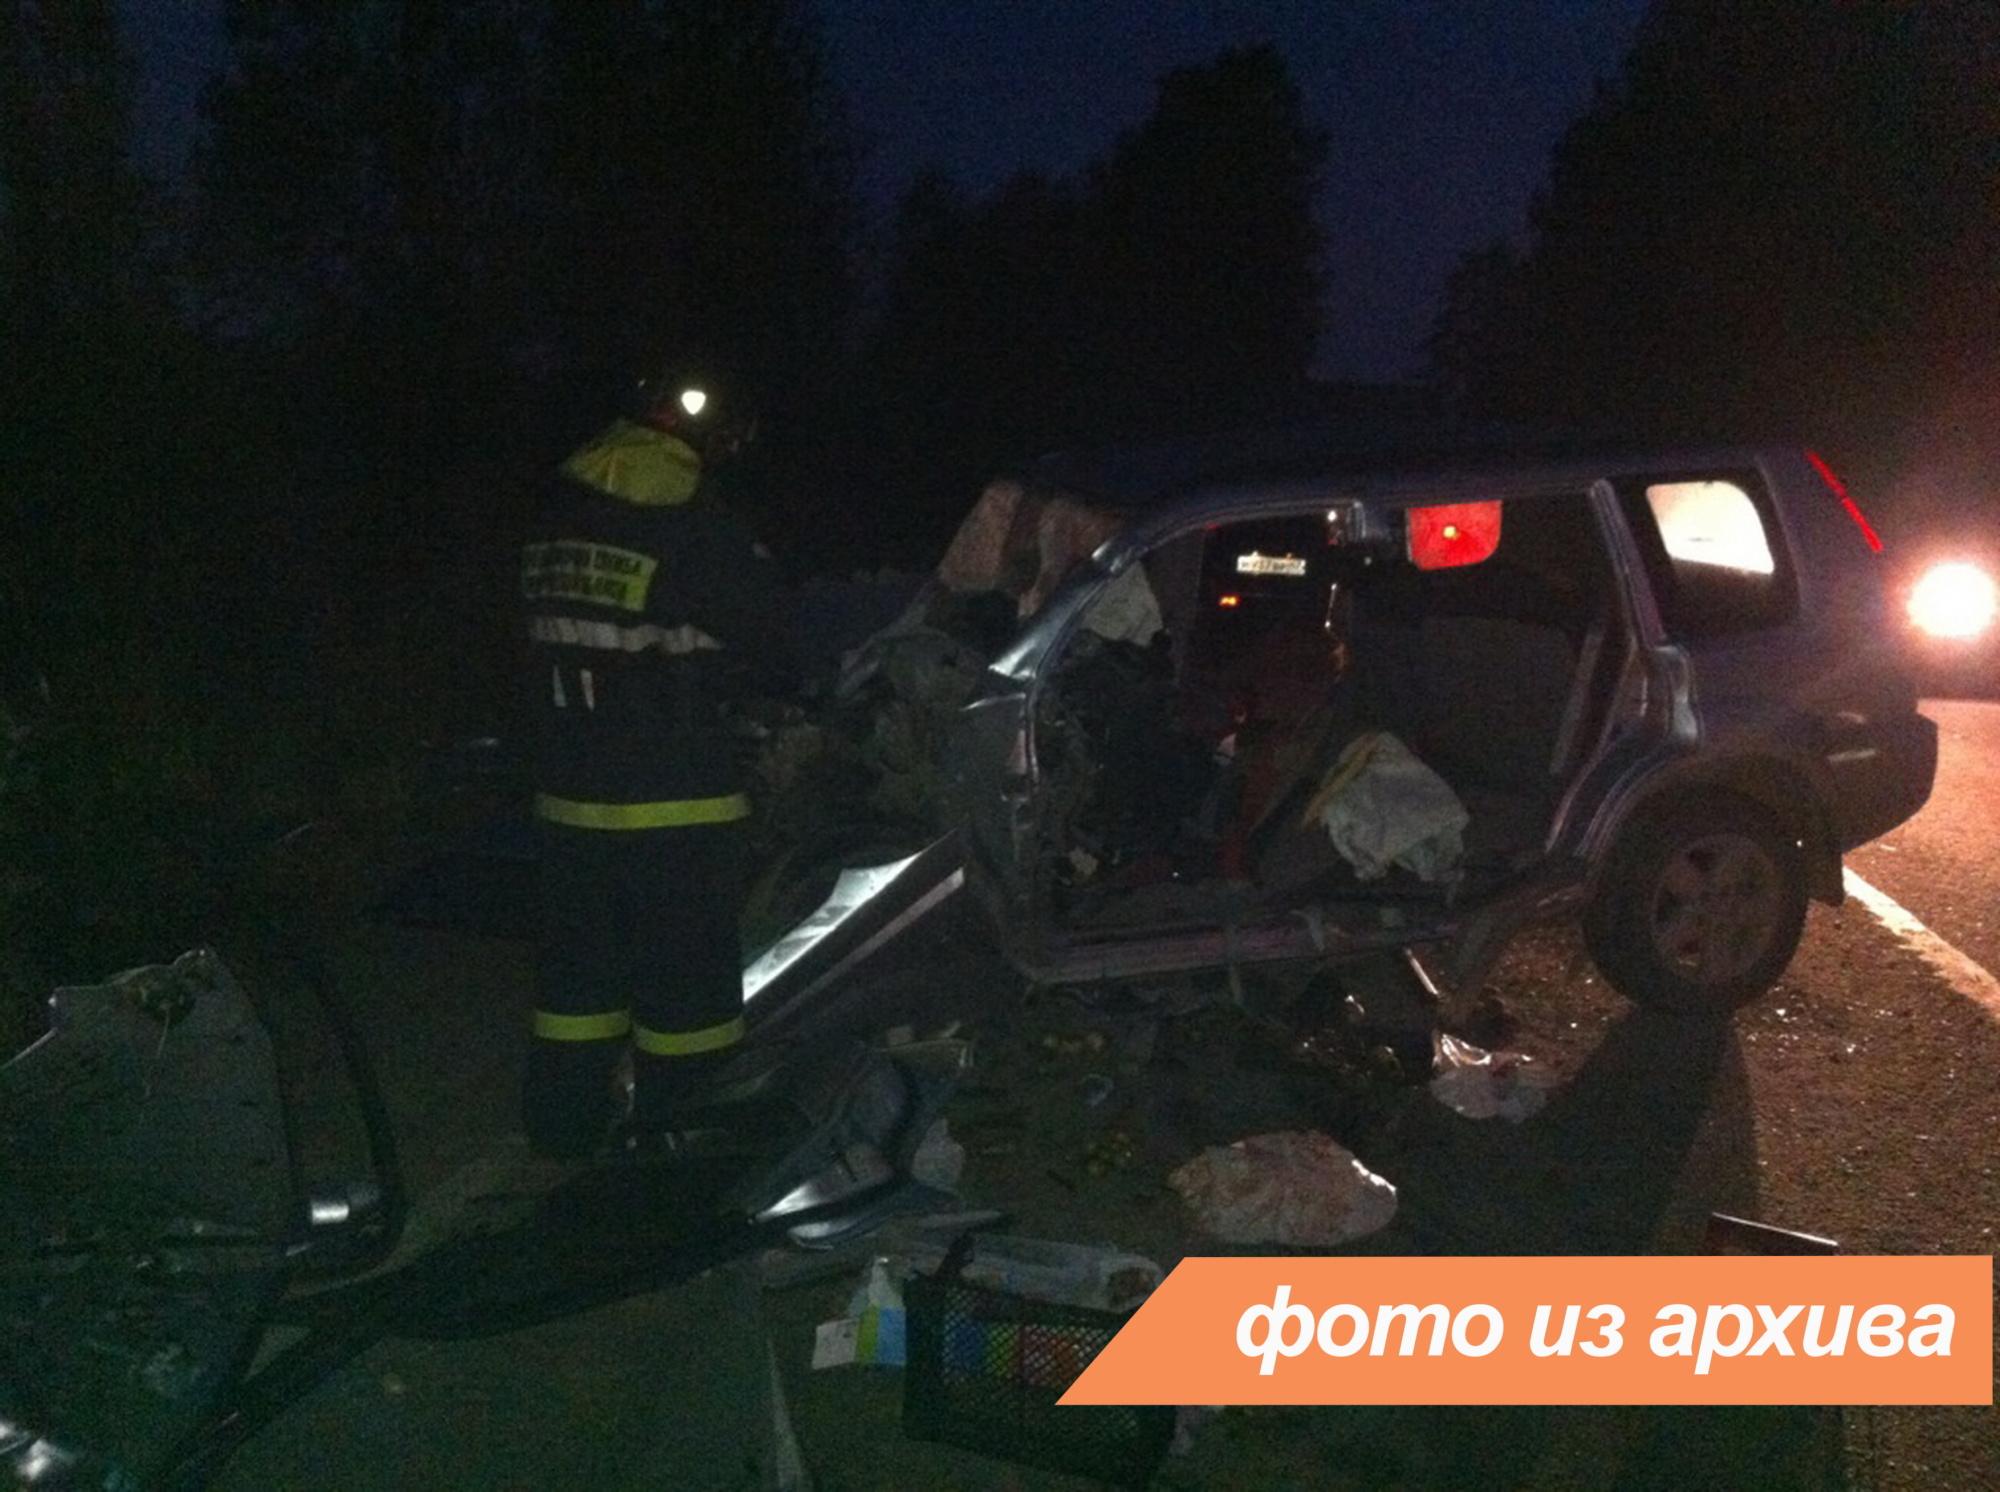 Спасатели Ленинградской области приняли участие в ликвидации последствий ДТП в Волховском районе